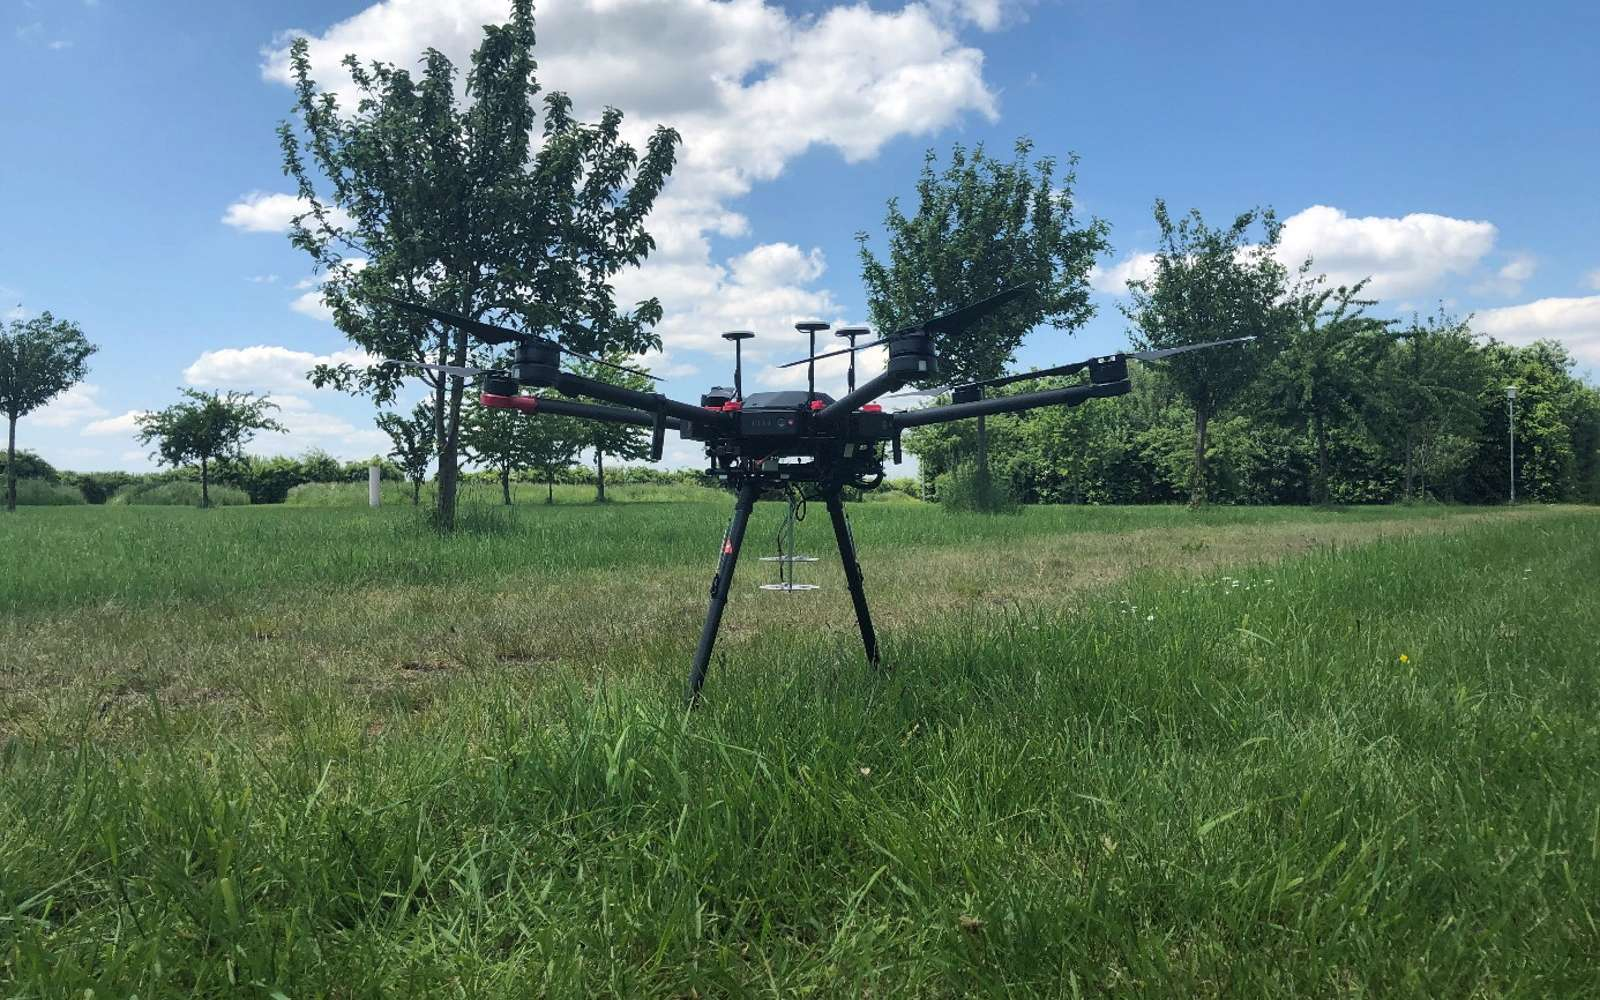 Ce drone équipé de microphones peut repérer les cris des personnes en détresse. © Institut Fraunhofer FKIE